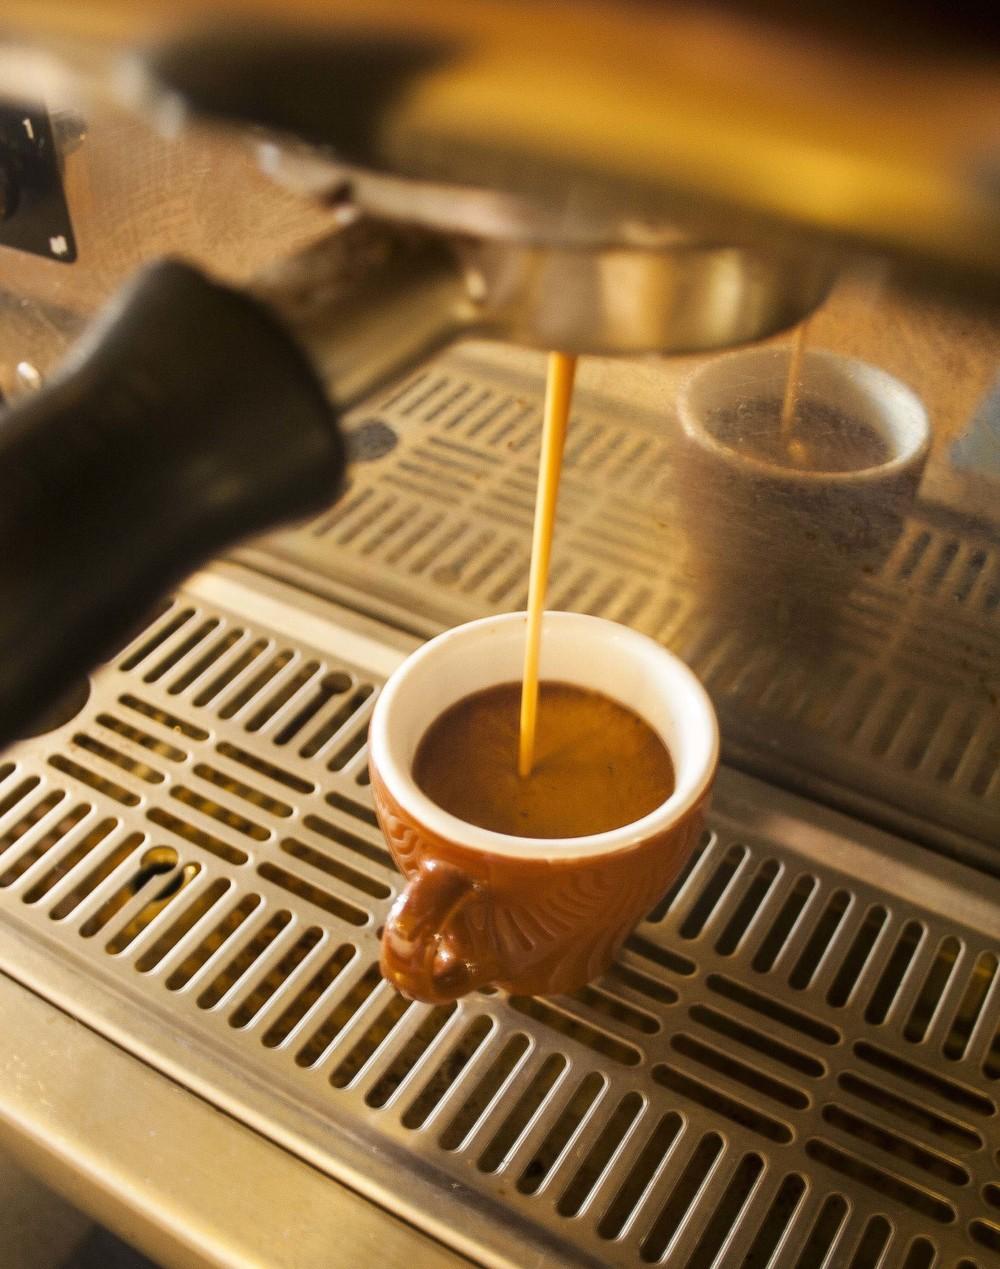 Malabar Gold Espresso Pour